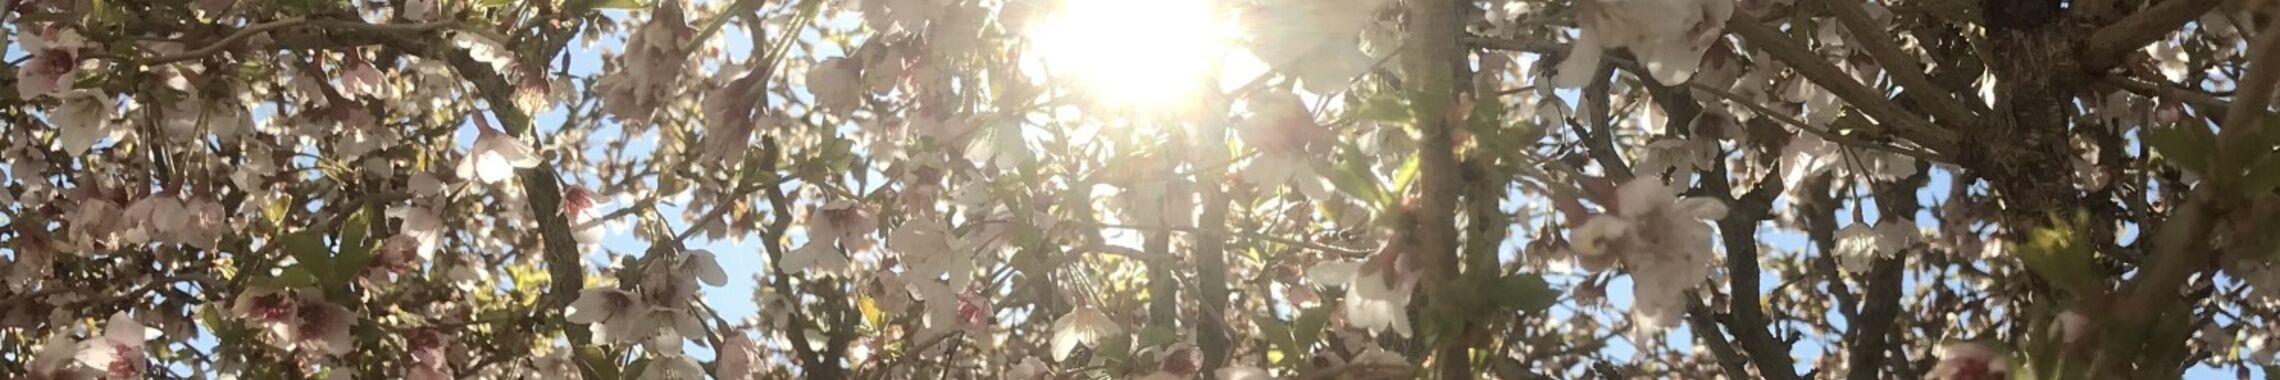 Blühende Zierpflaume 03.05.2020